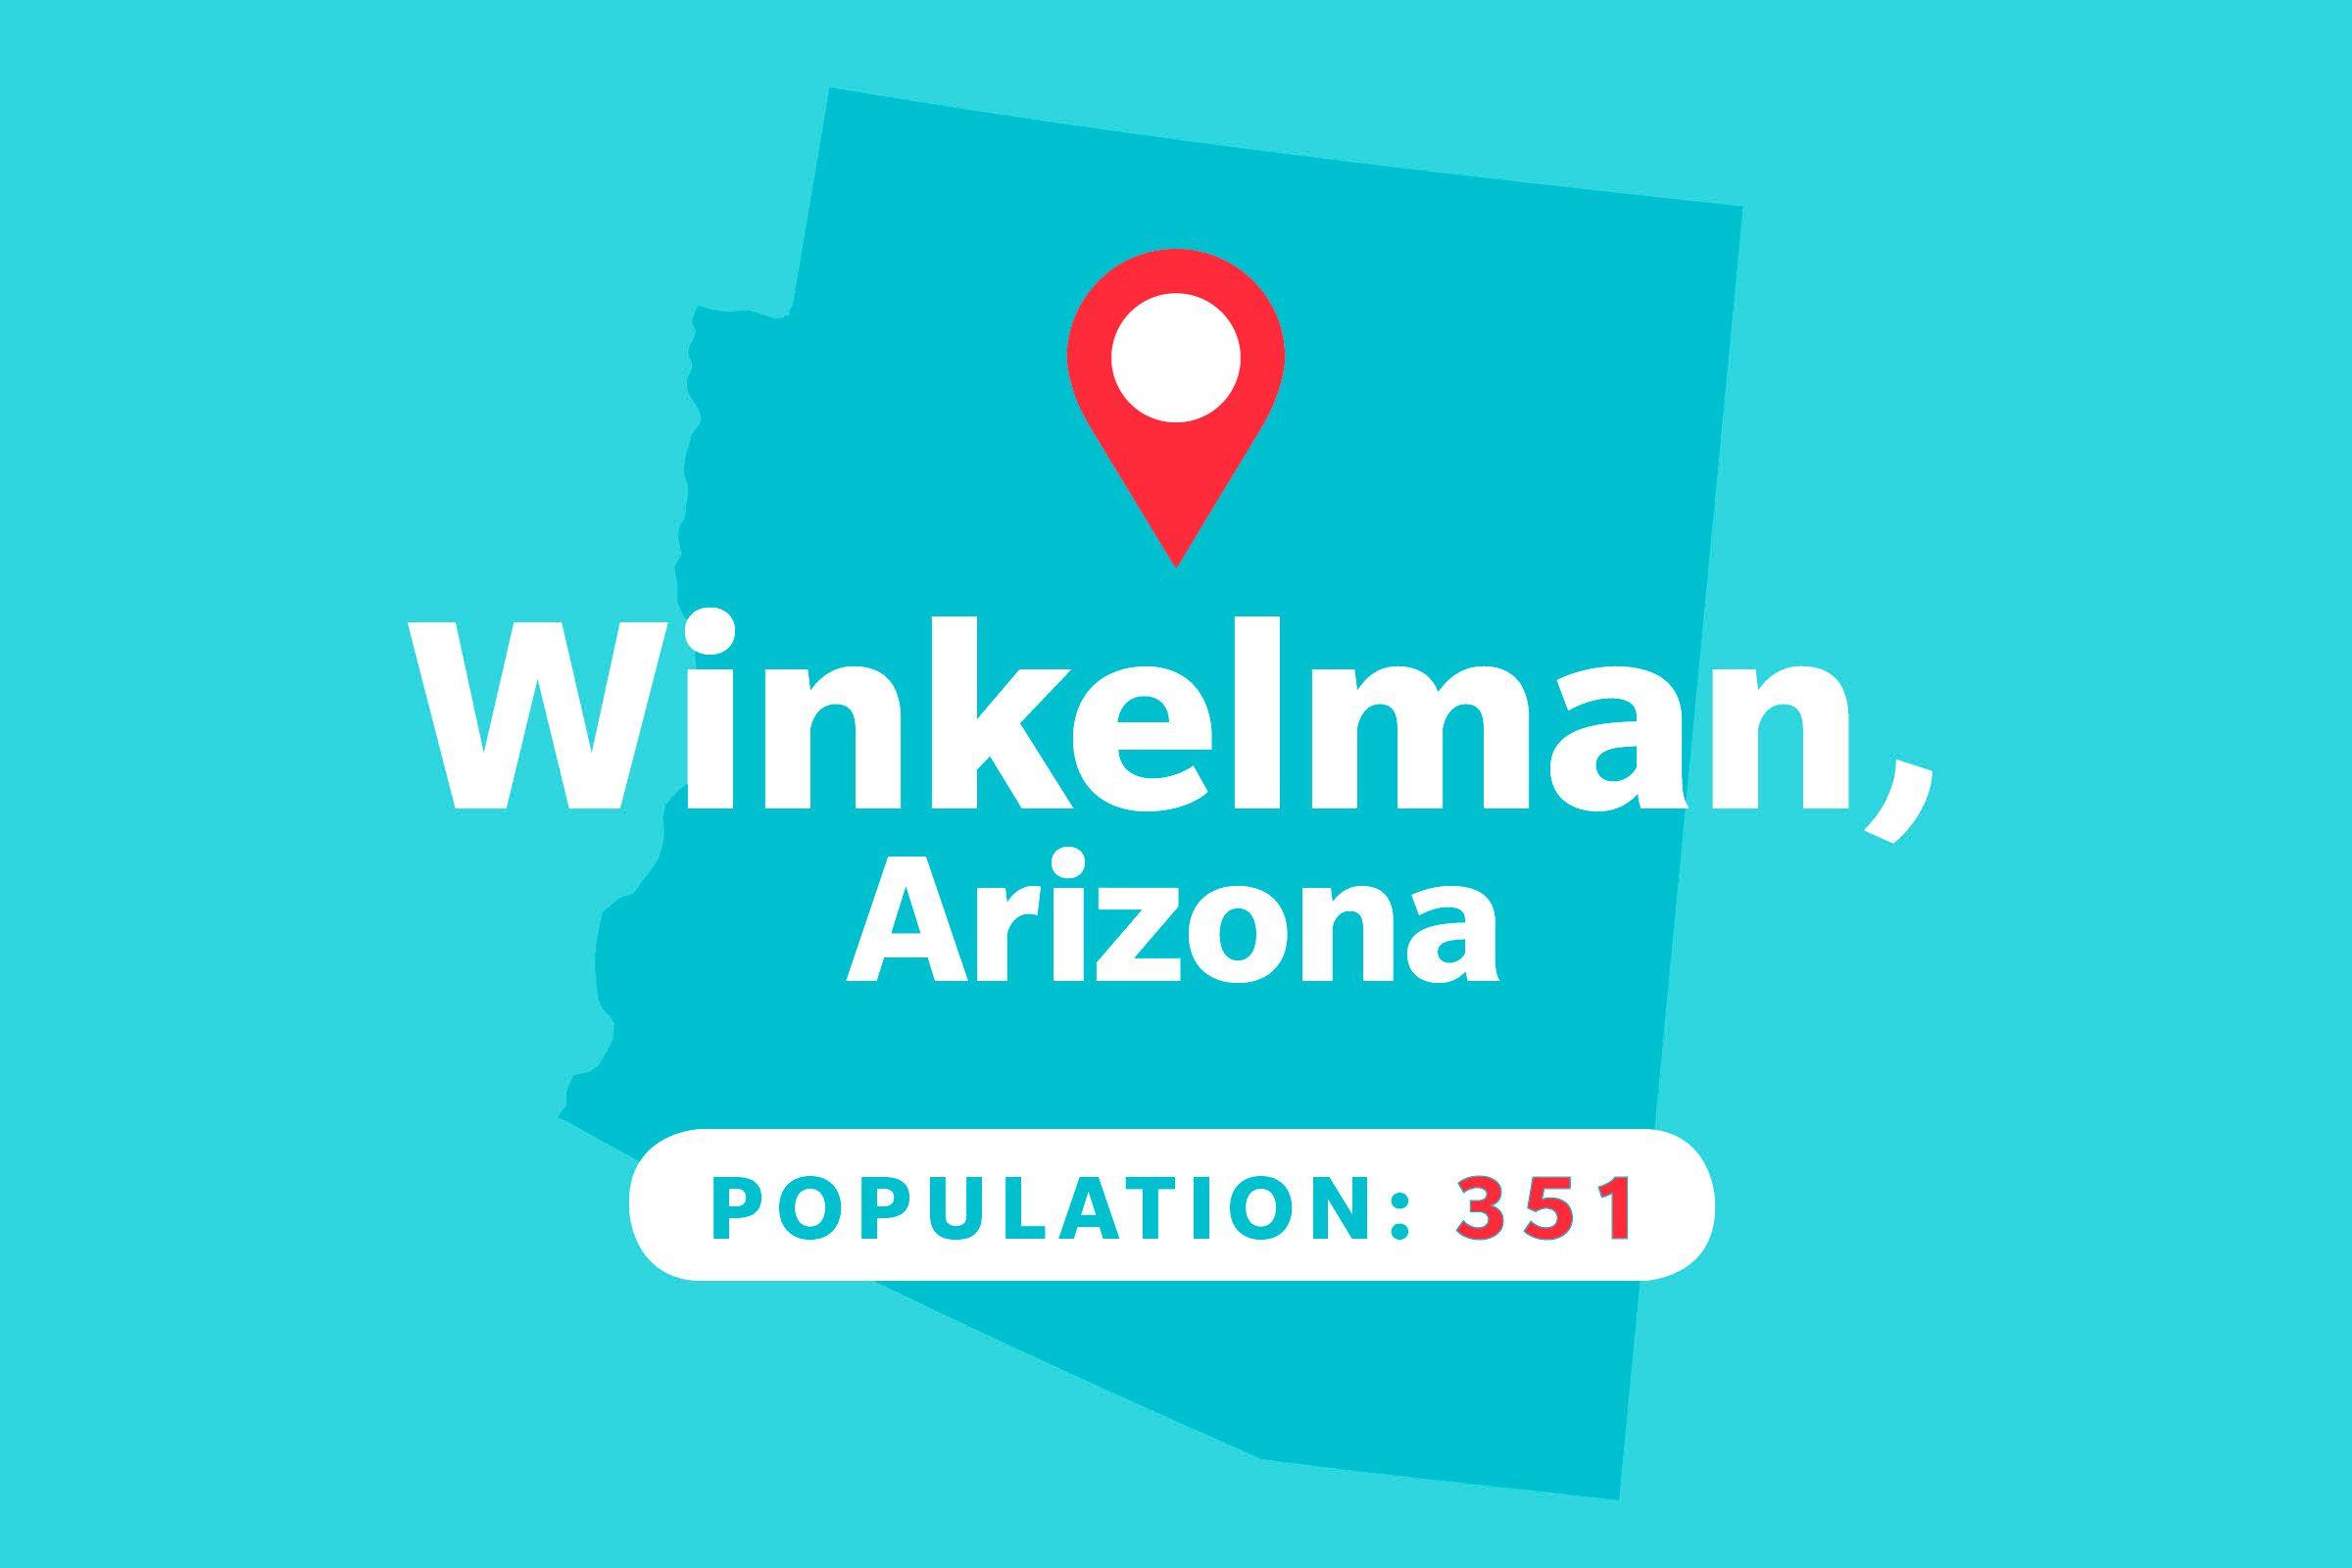 Winkelman, Arizona